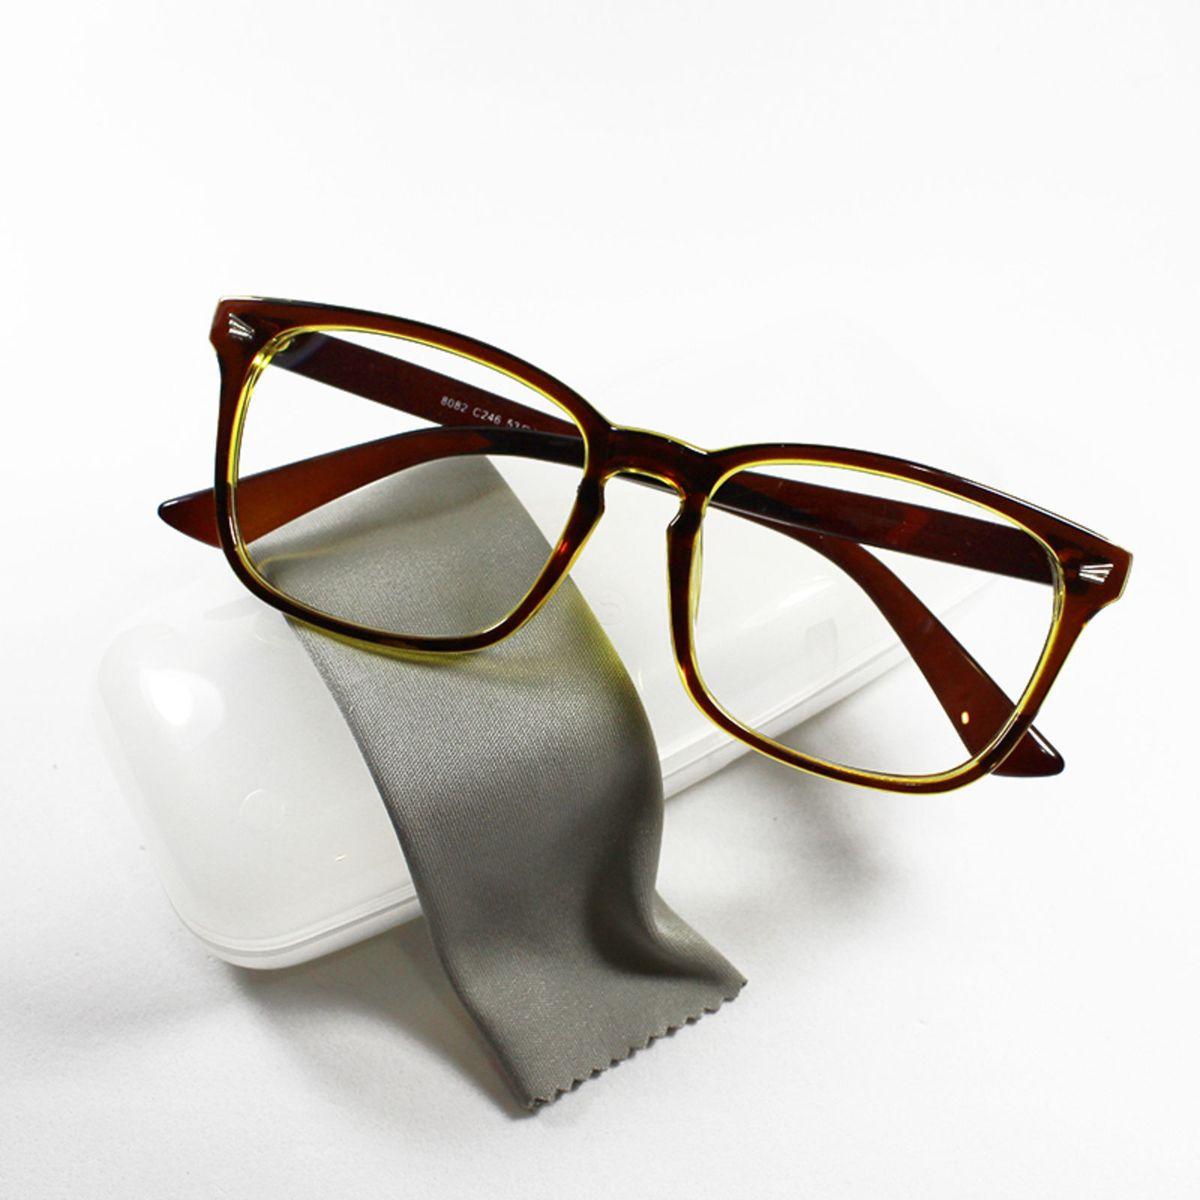 armação óculos para grau feminina retangular quadrada básica marrom amarelo  - óculos sem marca 7863d2821c